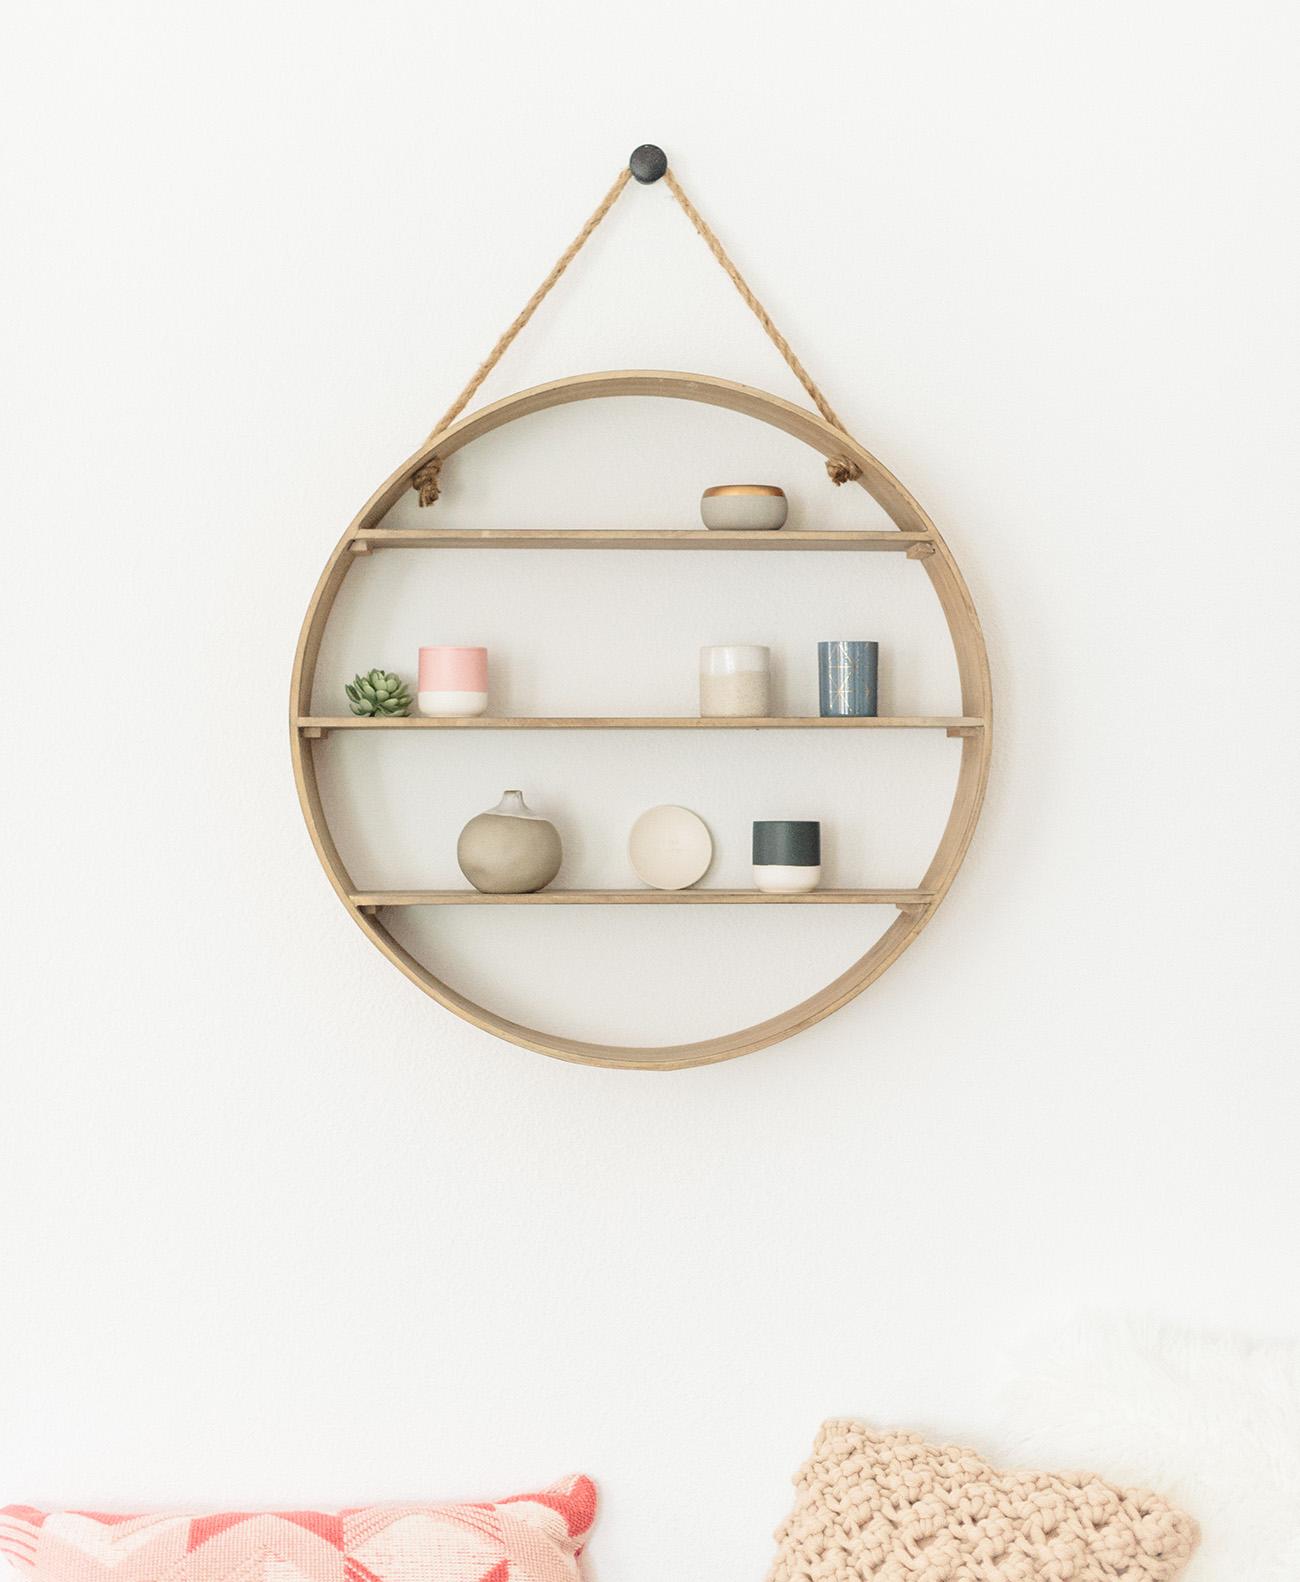 Circle Wooden hanging display